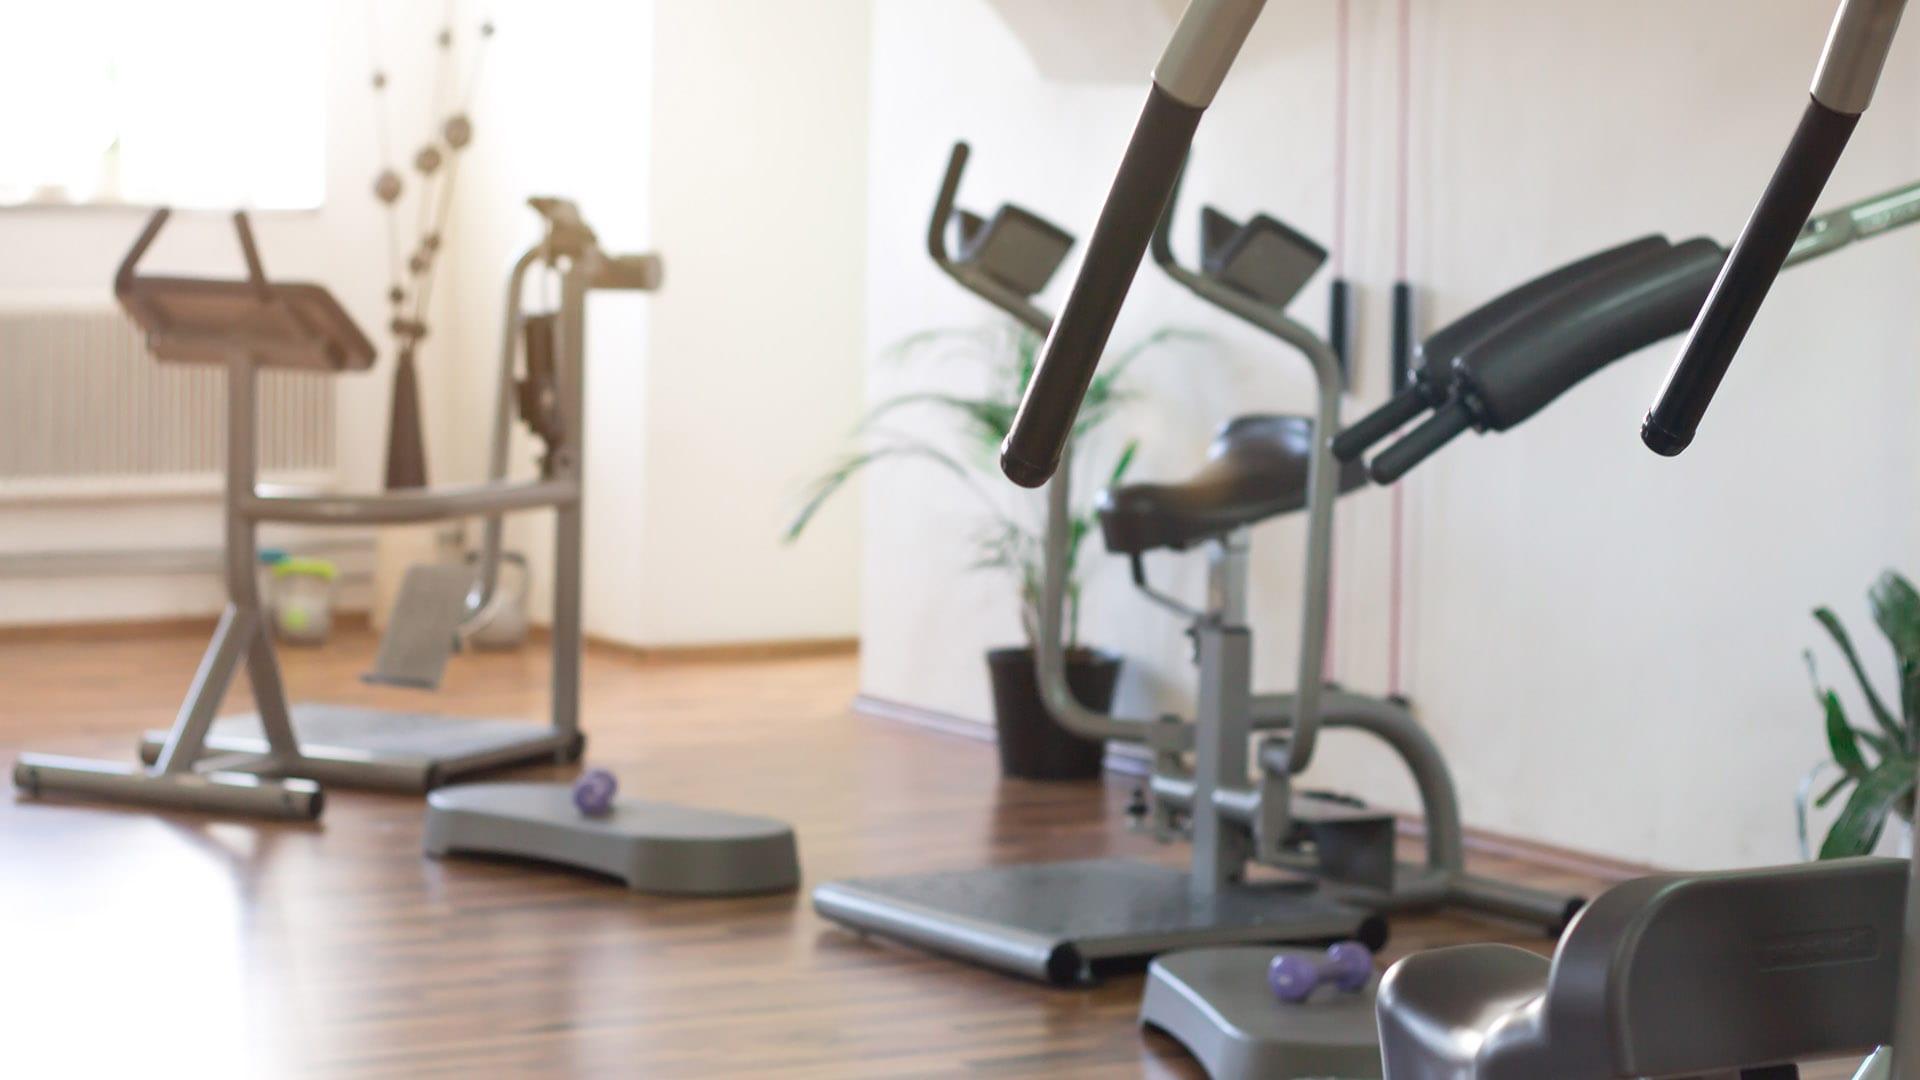 Femme Motion - Fitnessstudio in Villach - Zirkeltraining unsere modernen Geräte im Sonnenschein